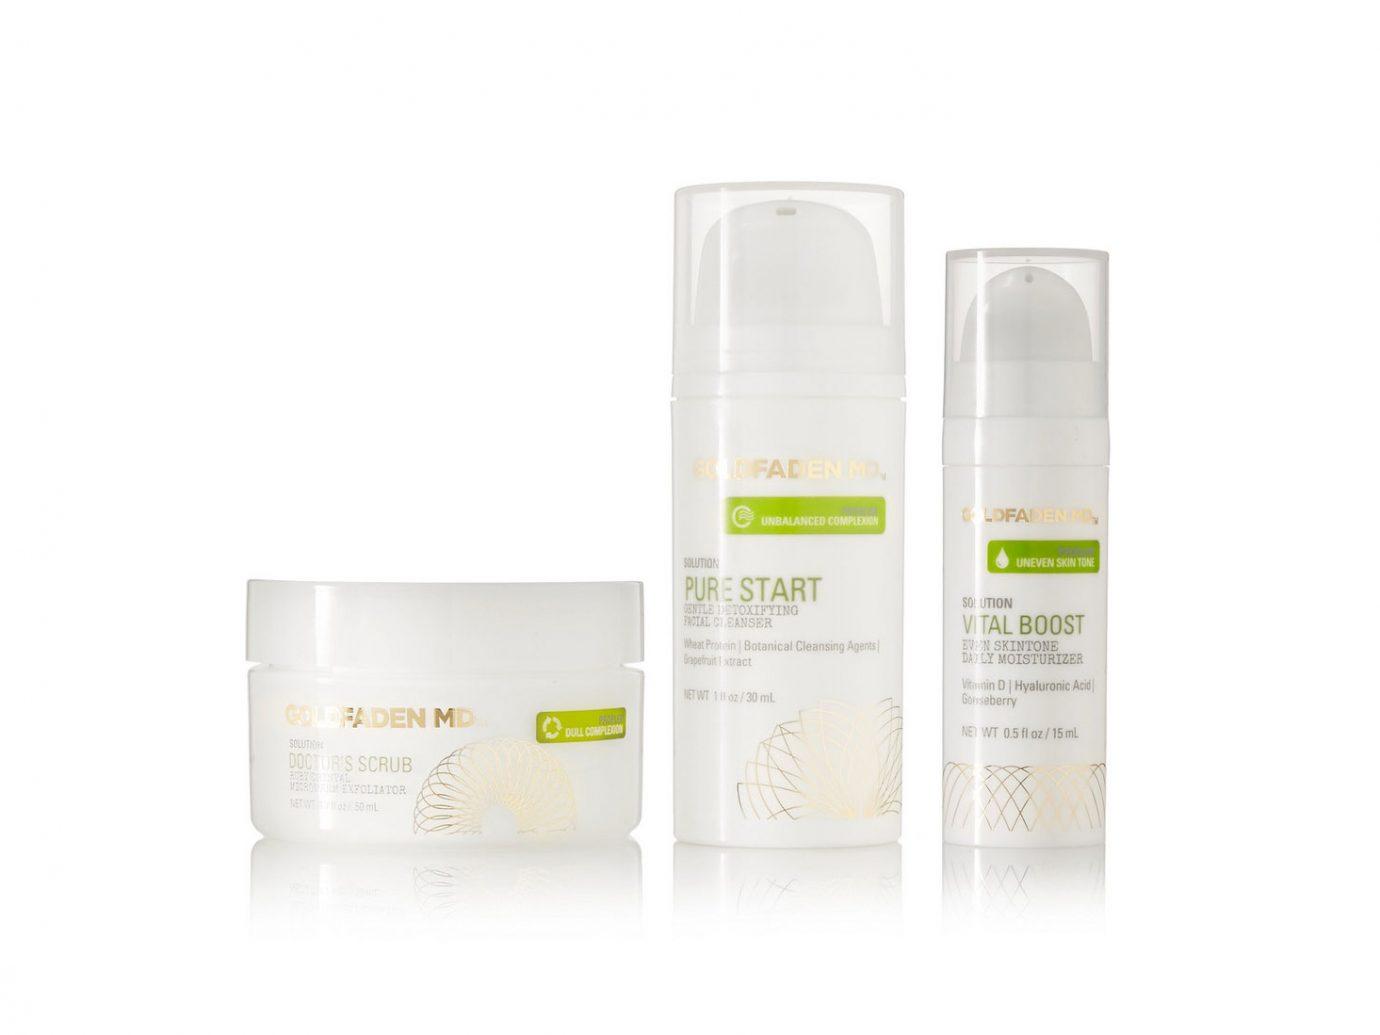 Goldfaden MD Radiant Skin Renewal Starter Kit